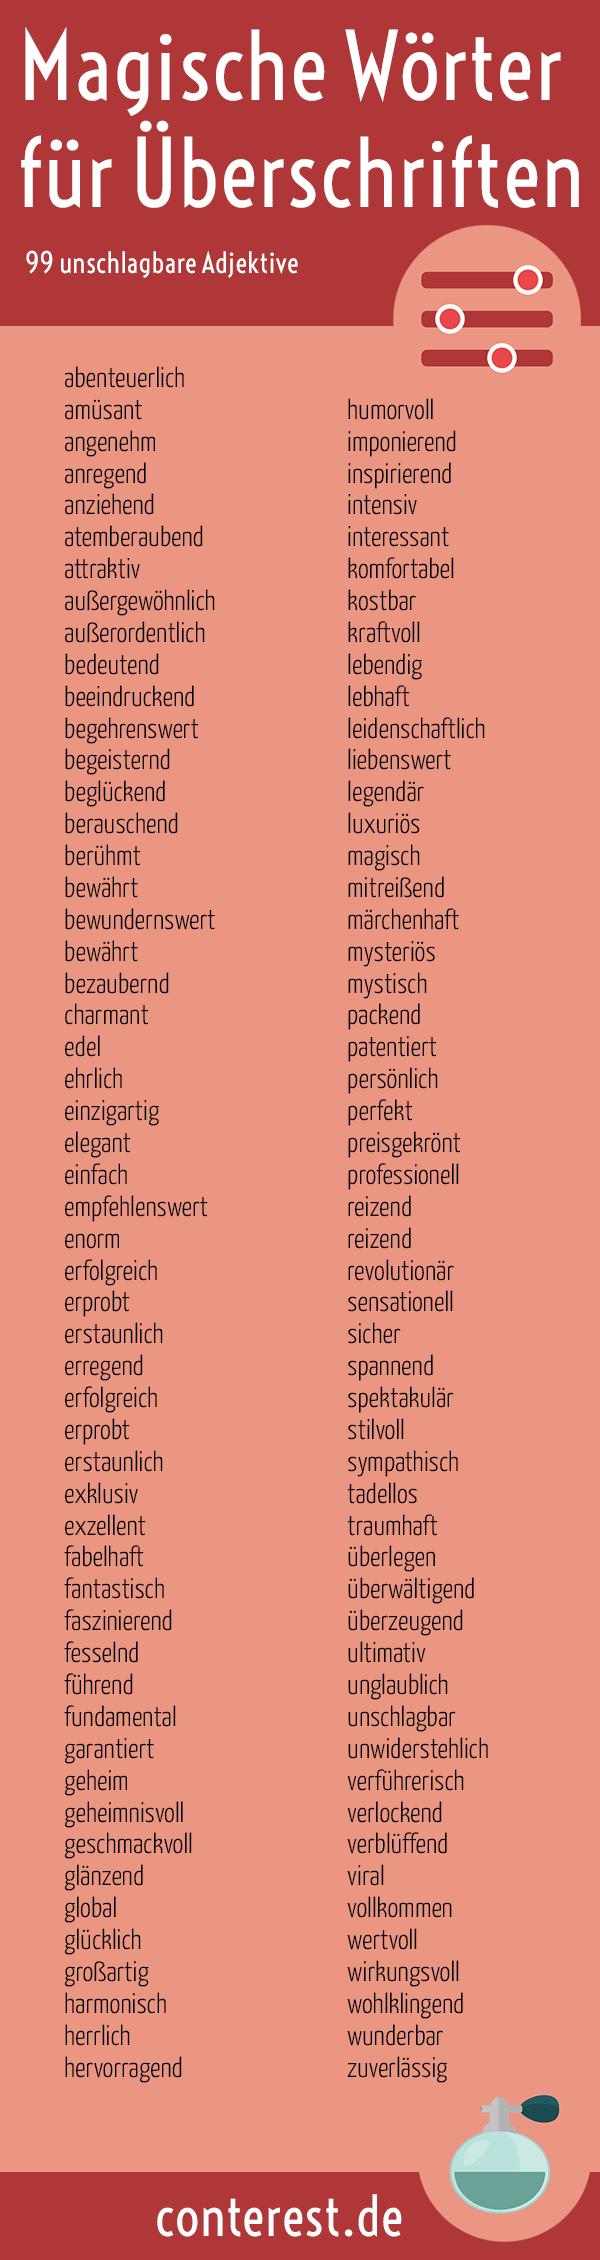 99 Magische Wörter für unschlagbare Überschriften. Wie du